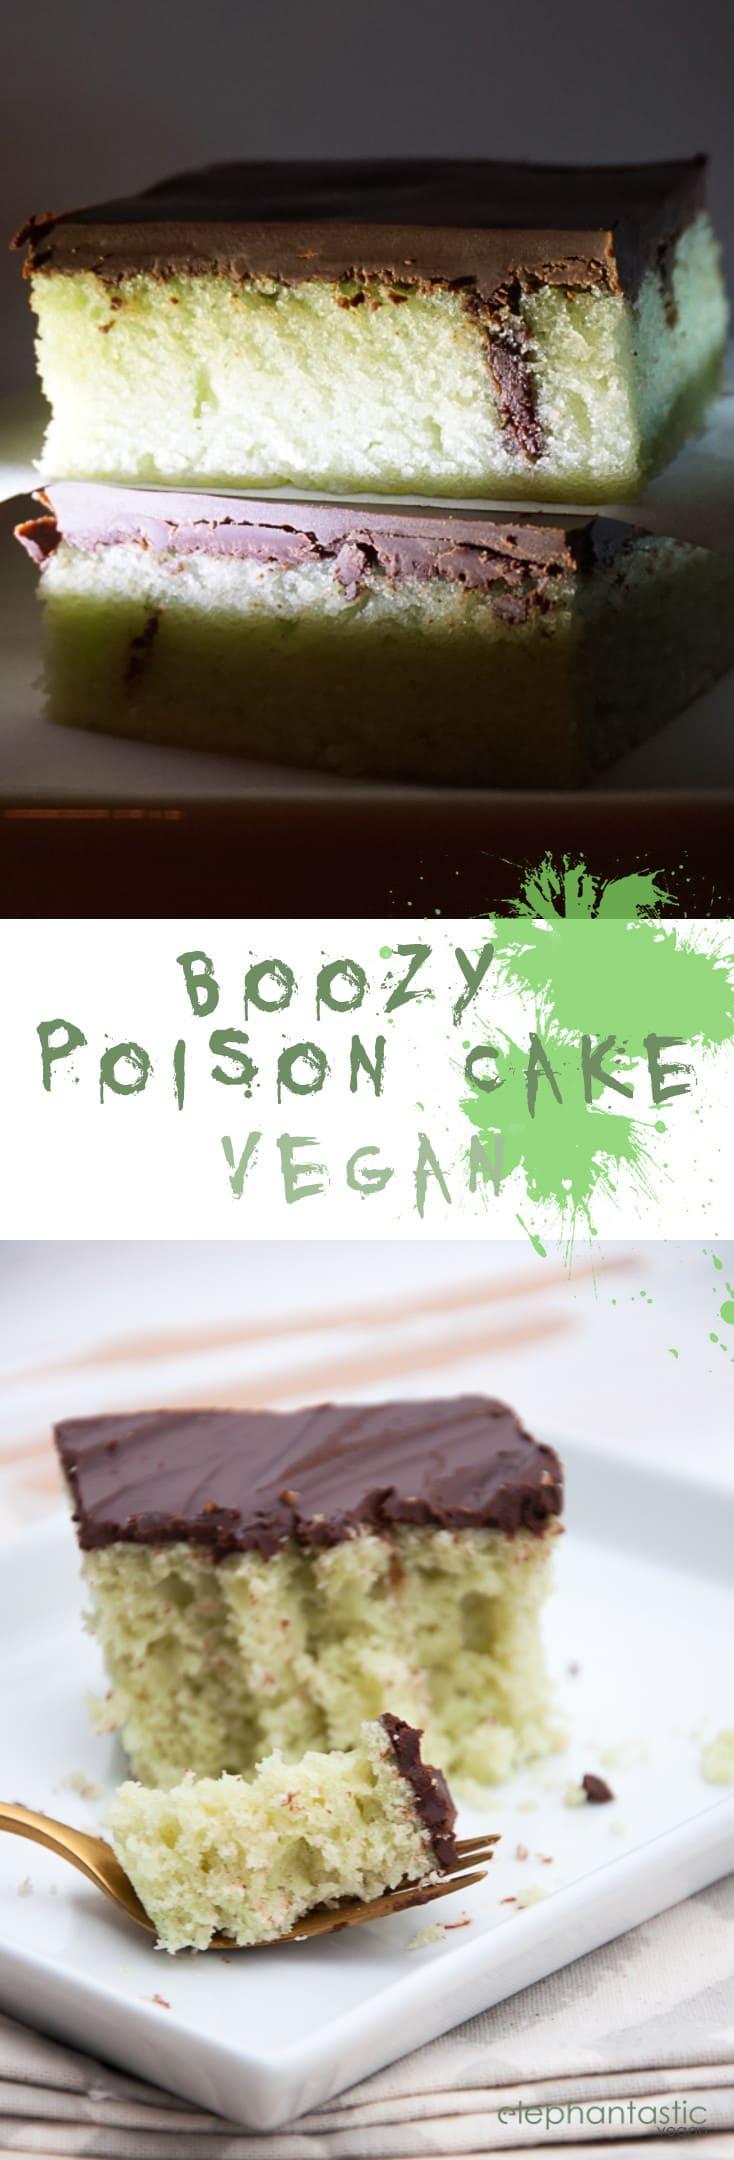 Boozy Poison Cake | ElephantasticVegan.com